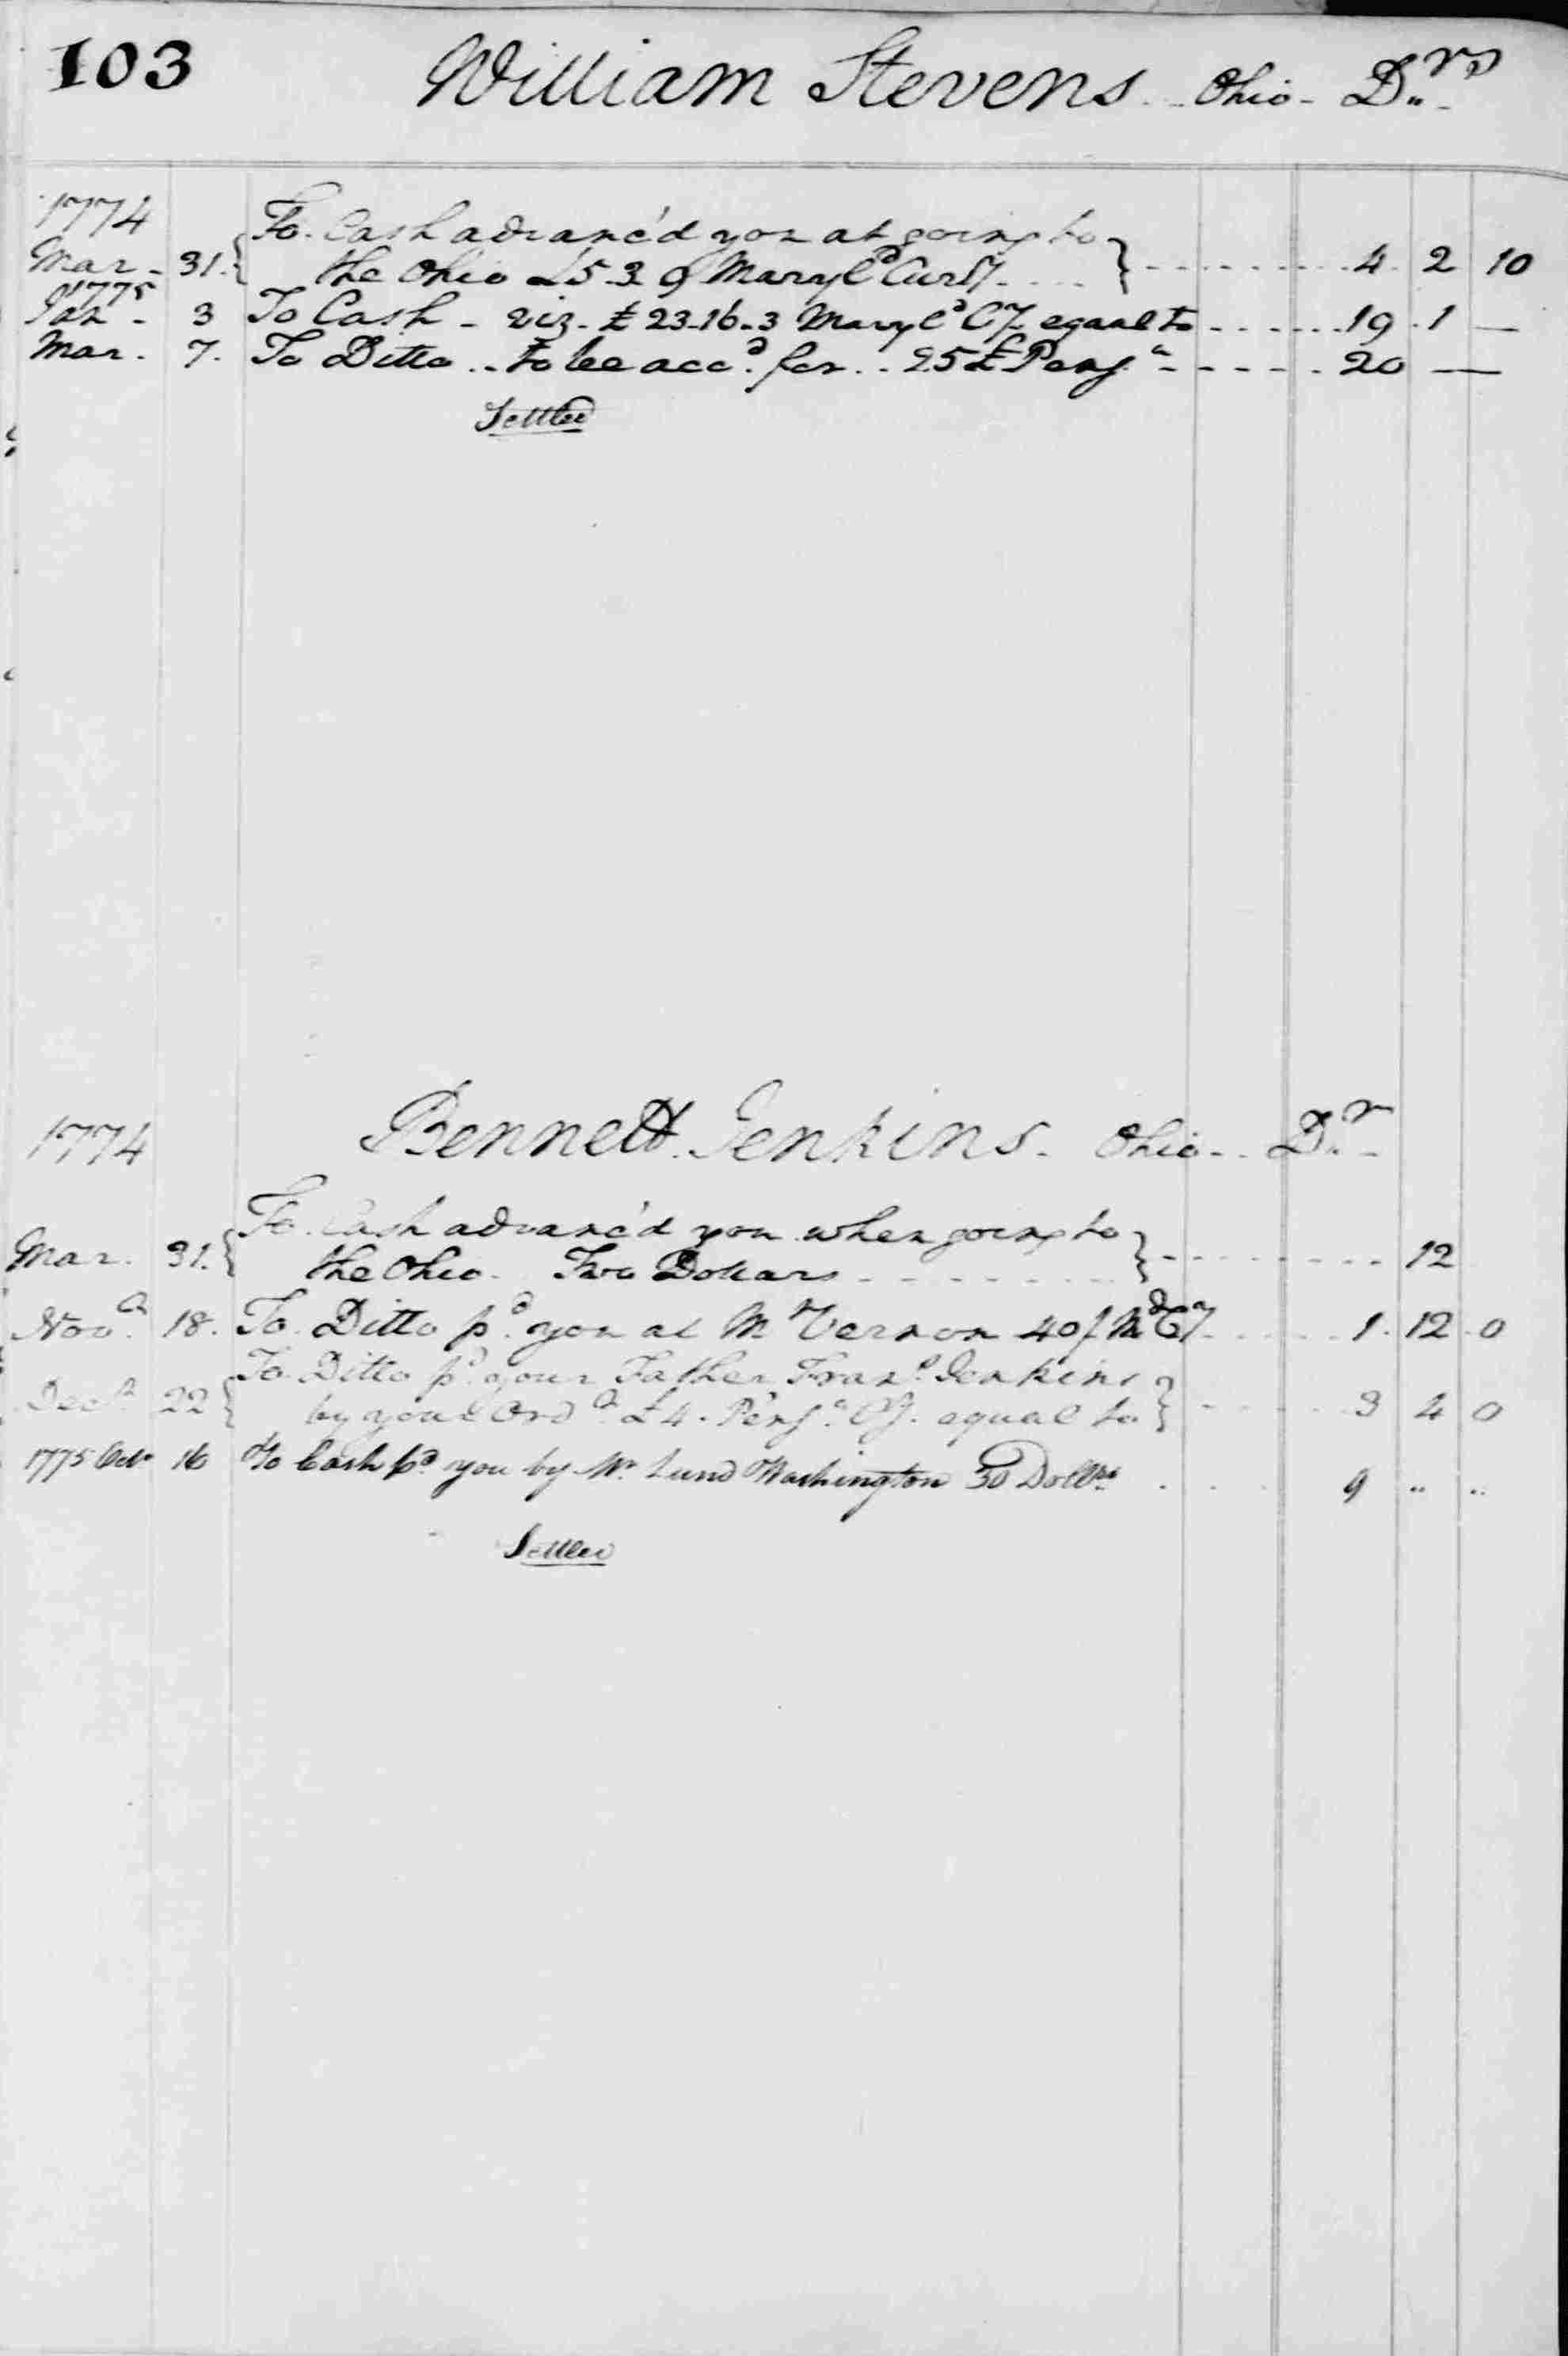 Ledger B, folio 103, left side